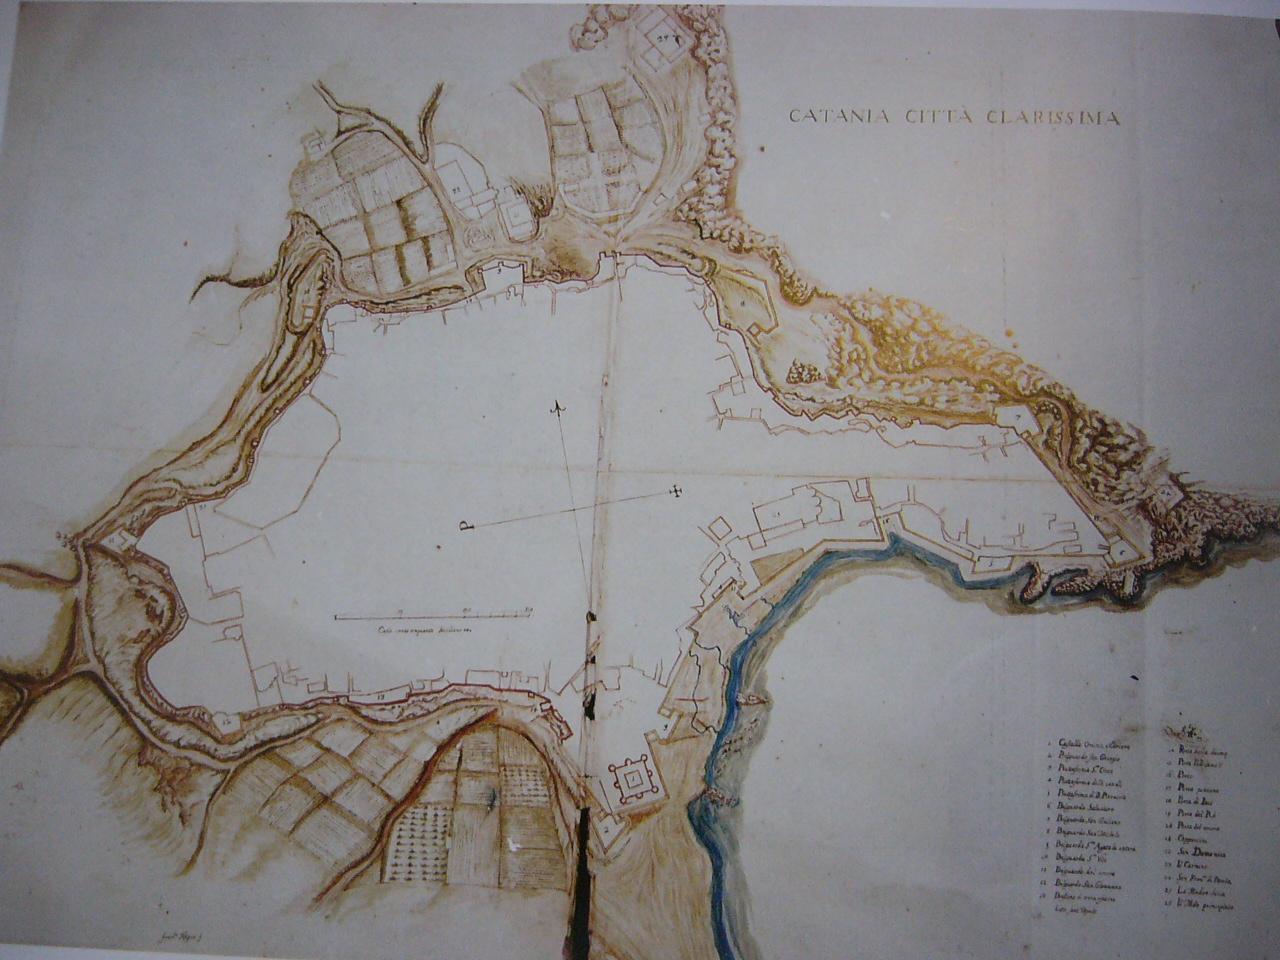 Pianta_delle_Mura_di_Catania_(1637)